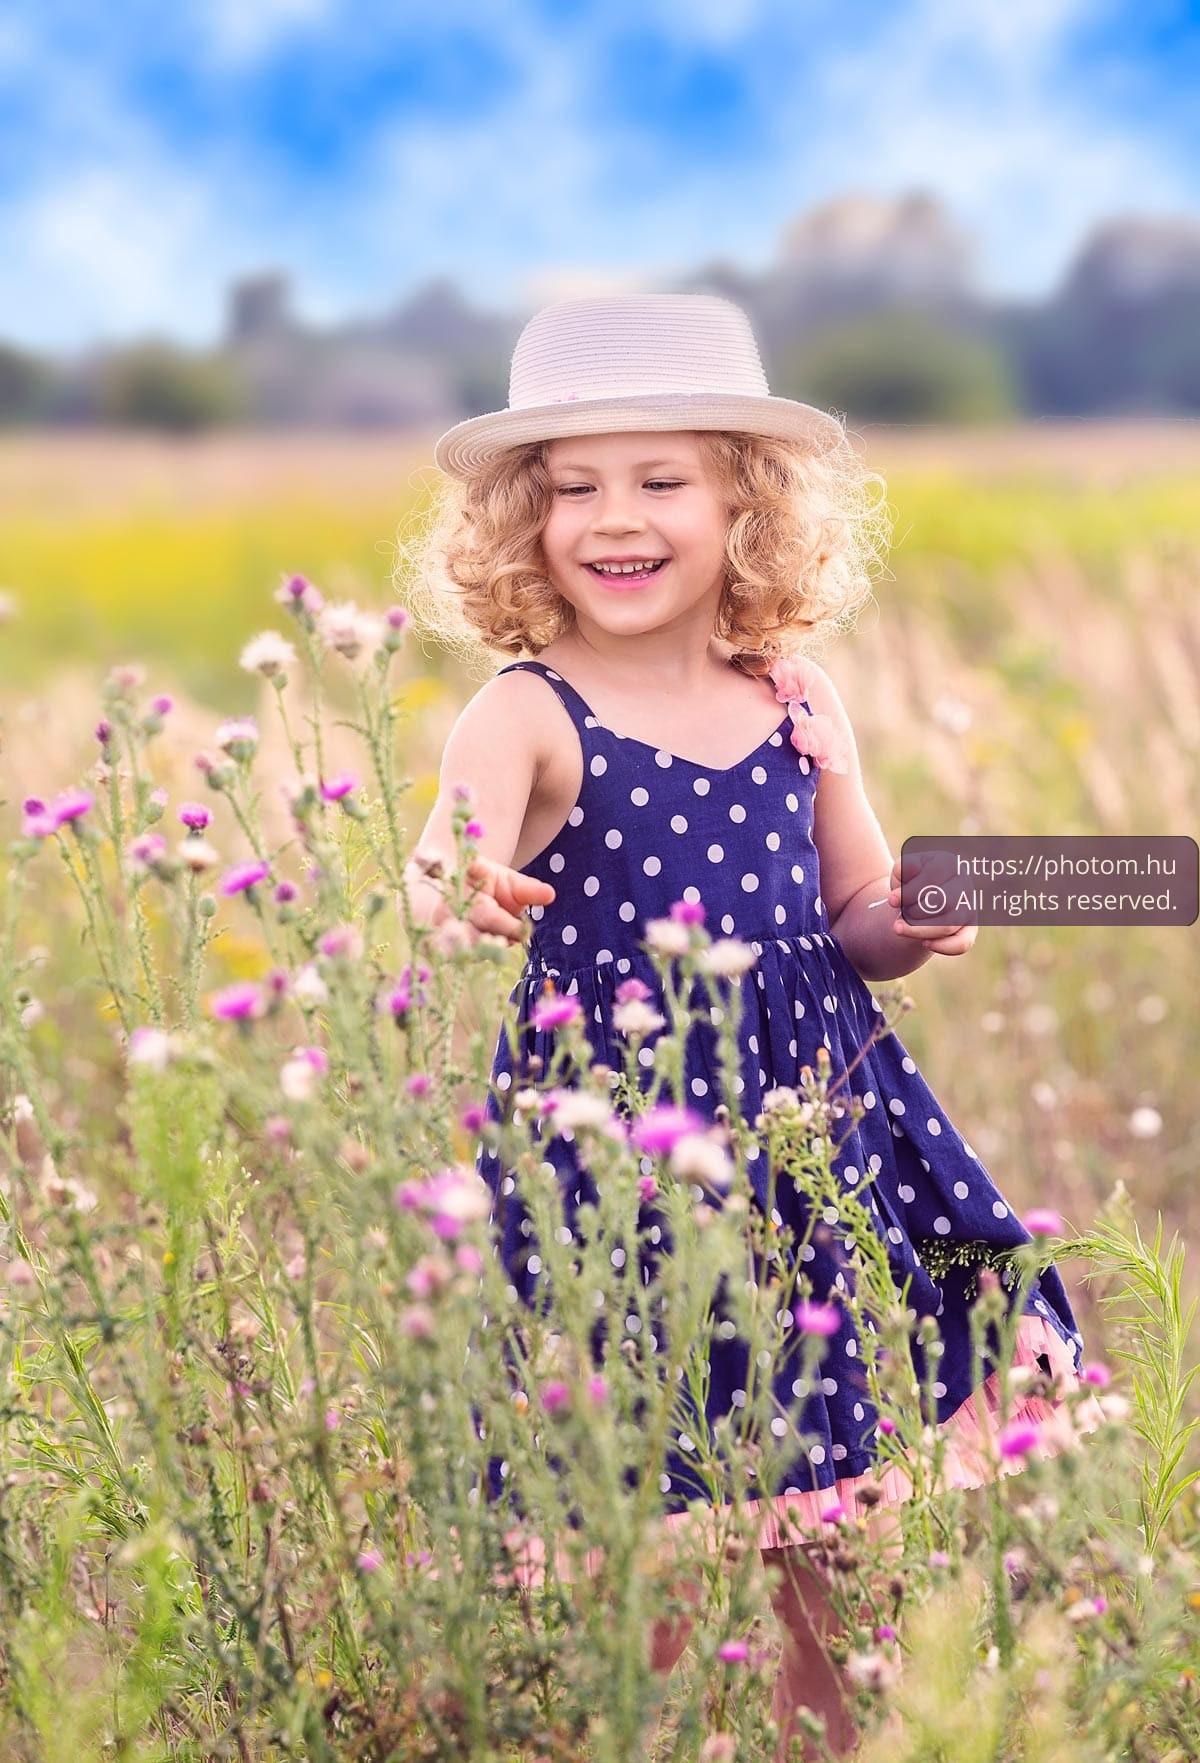 gyermek fotózás, gyermekfotó, gyerek fotózás, gyerekfotó